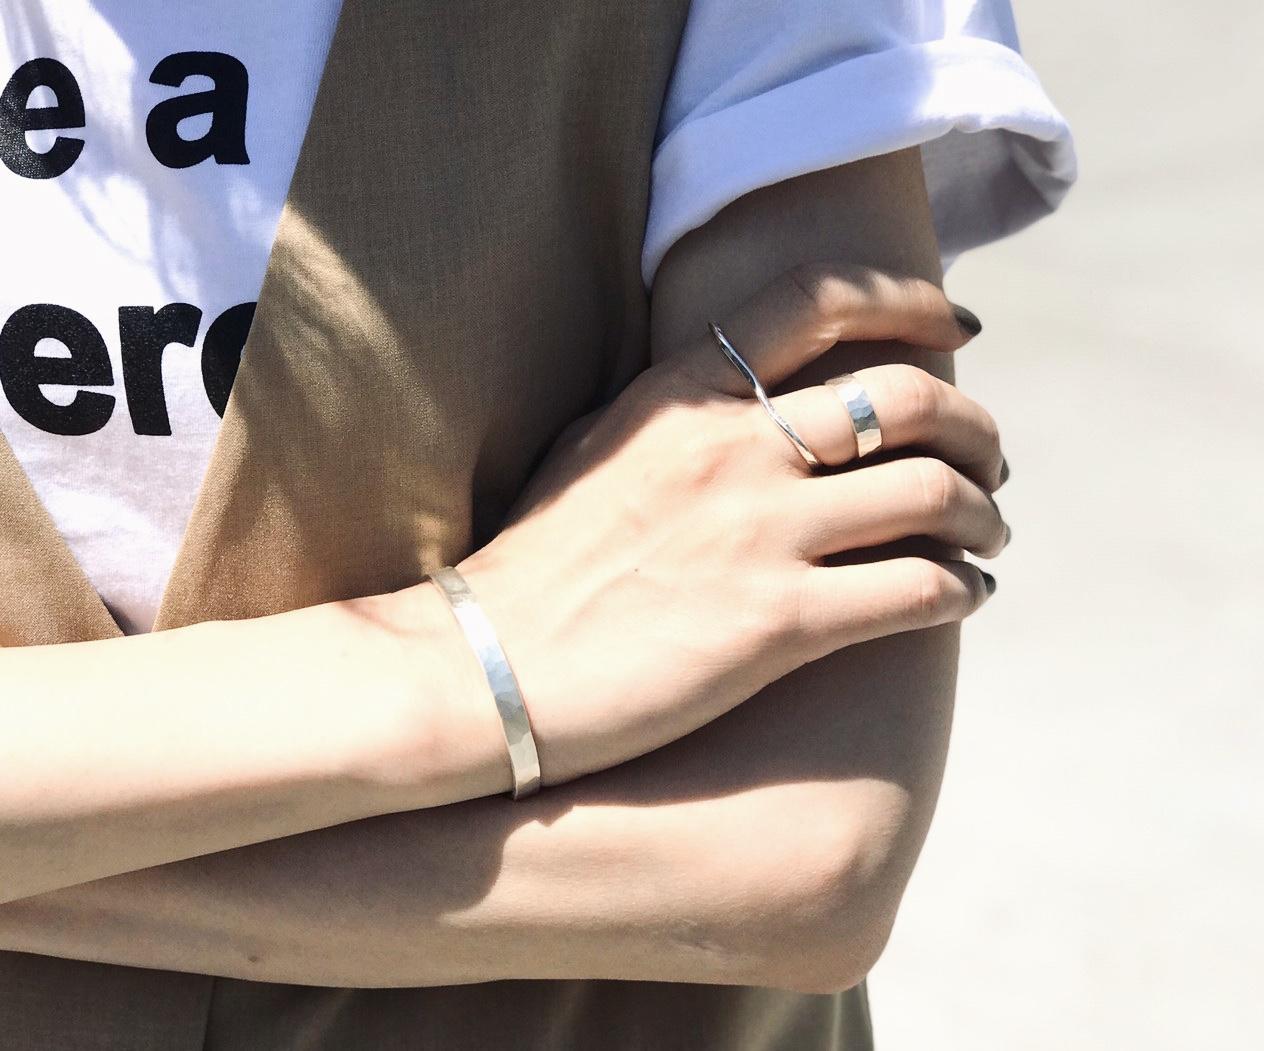 scrap book スクラップブック four seven nine フォーセブンナイン 日本ブランド silver シルバー silver999 ear cuff イヤーカフ ring リング bangle バングル pierce ピアス bracelet ブレスレット ハンドメイド handmade silver accessory シルバーアクセサリー 可愛い